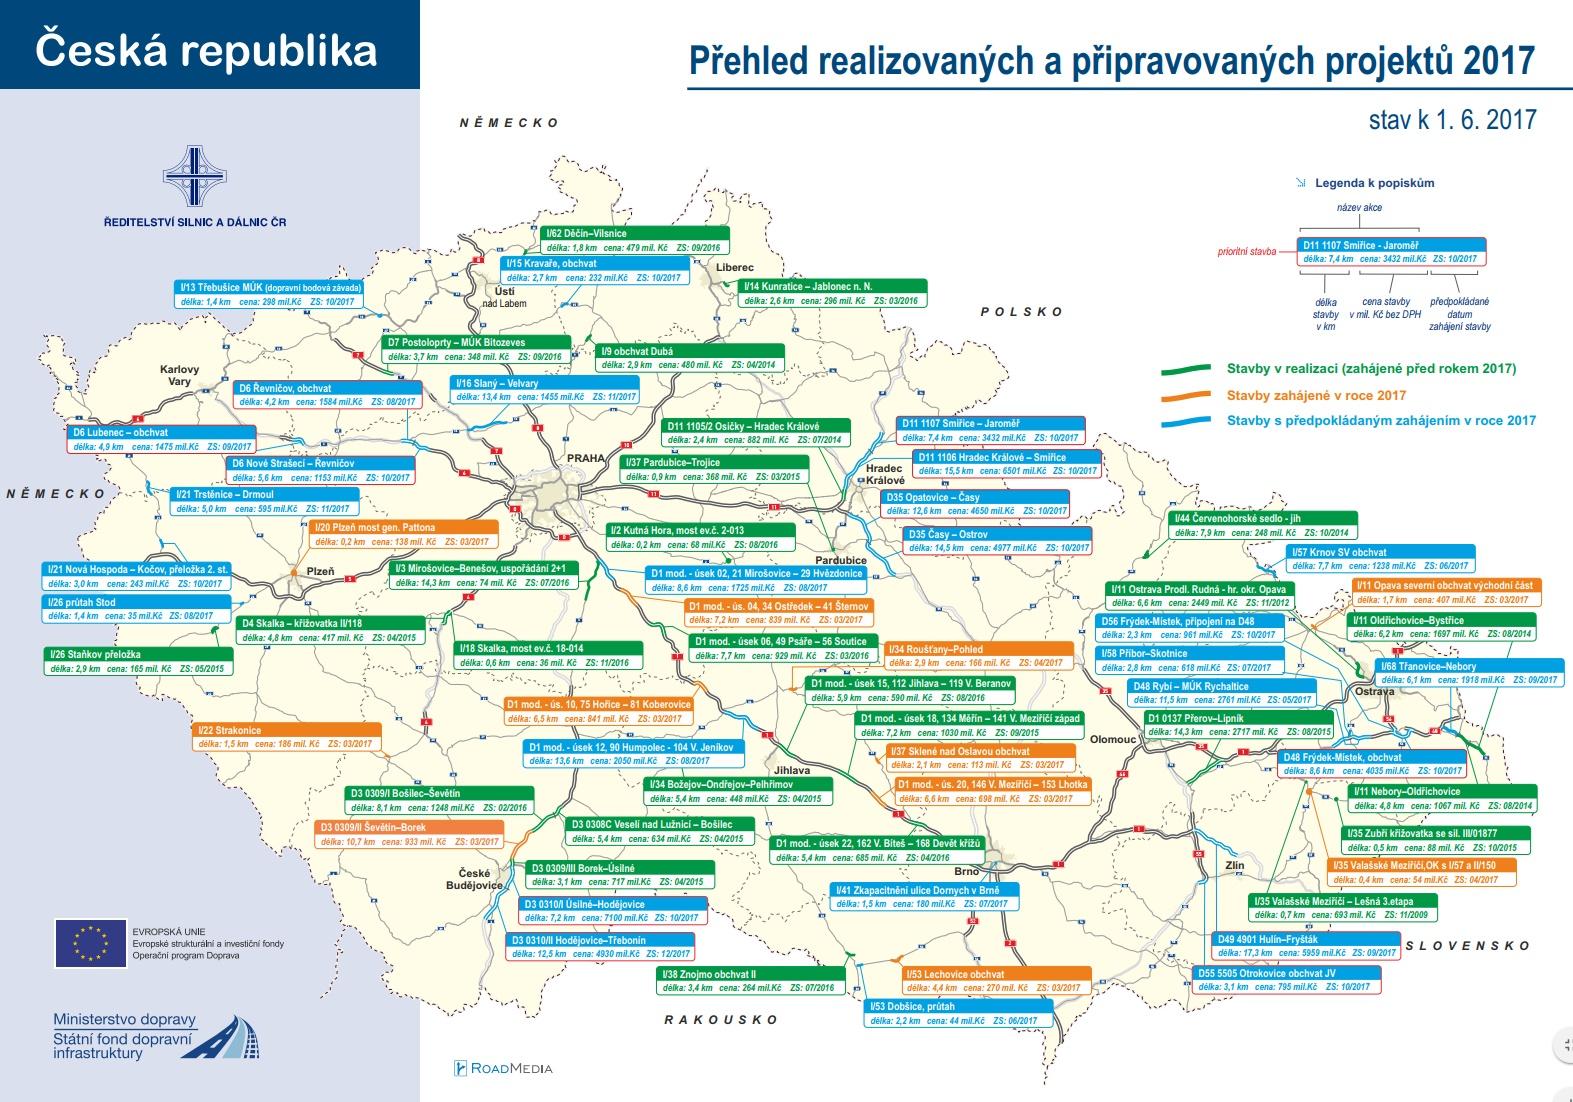 Přehled realizovaných a připravovaných oprav silnic a dálnic